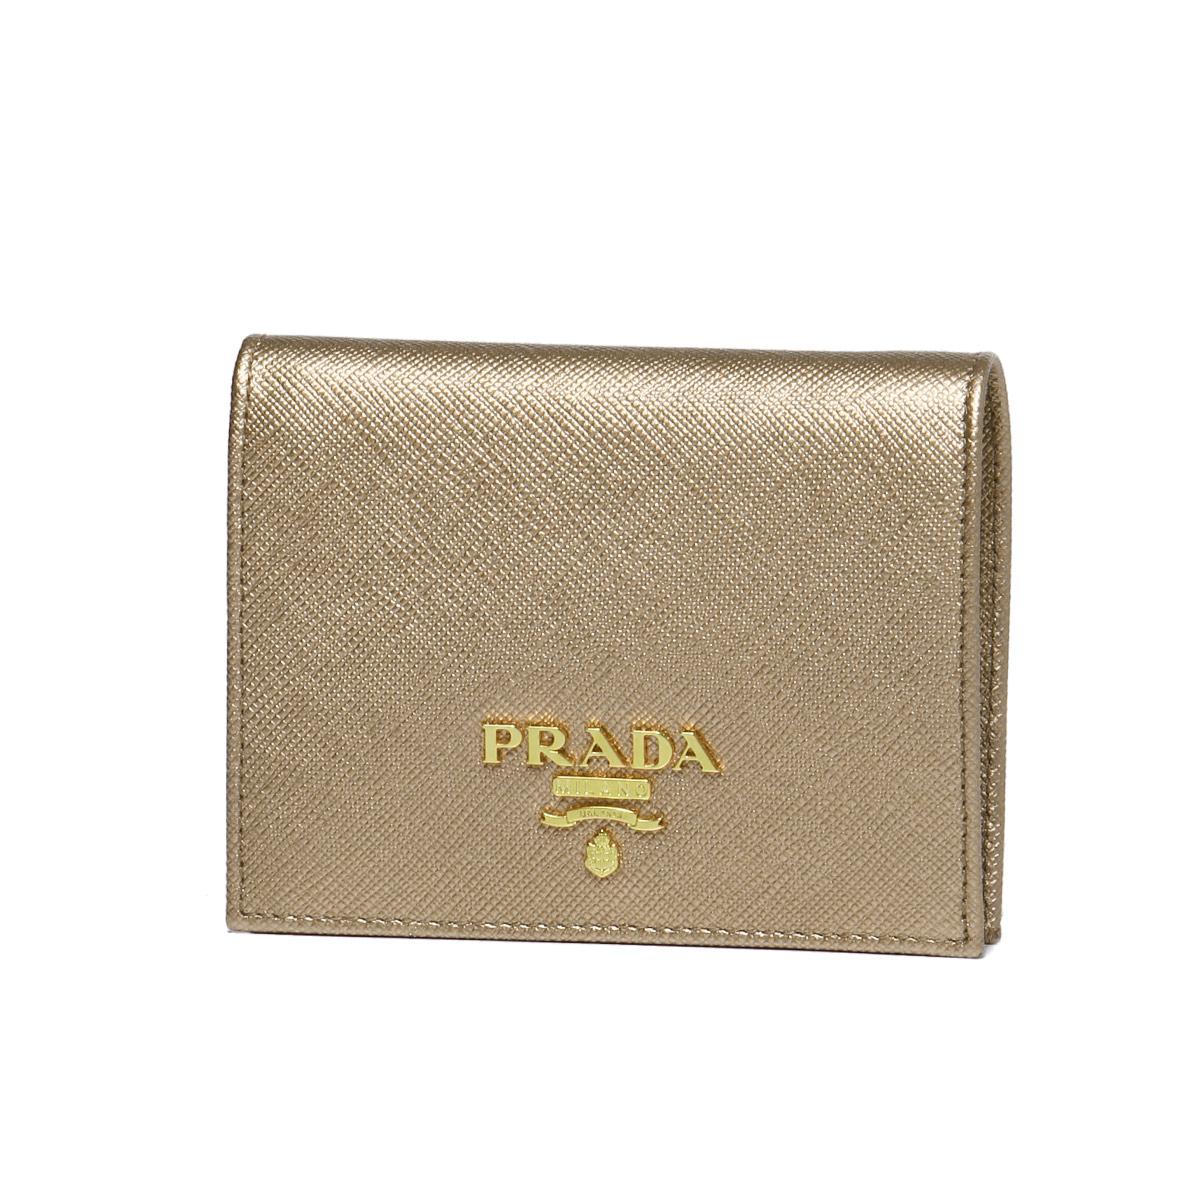 プラダ PRADA 財布 レディース 1MV204 QWA F0CGQ 二つ折り財布 SAFFIANO METAL QUARZO MORDORE ブラウン